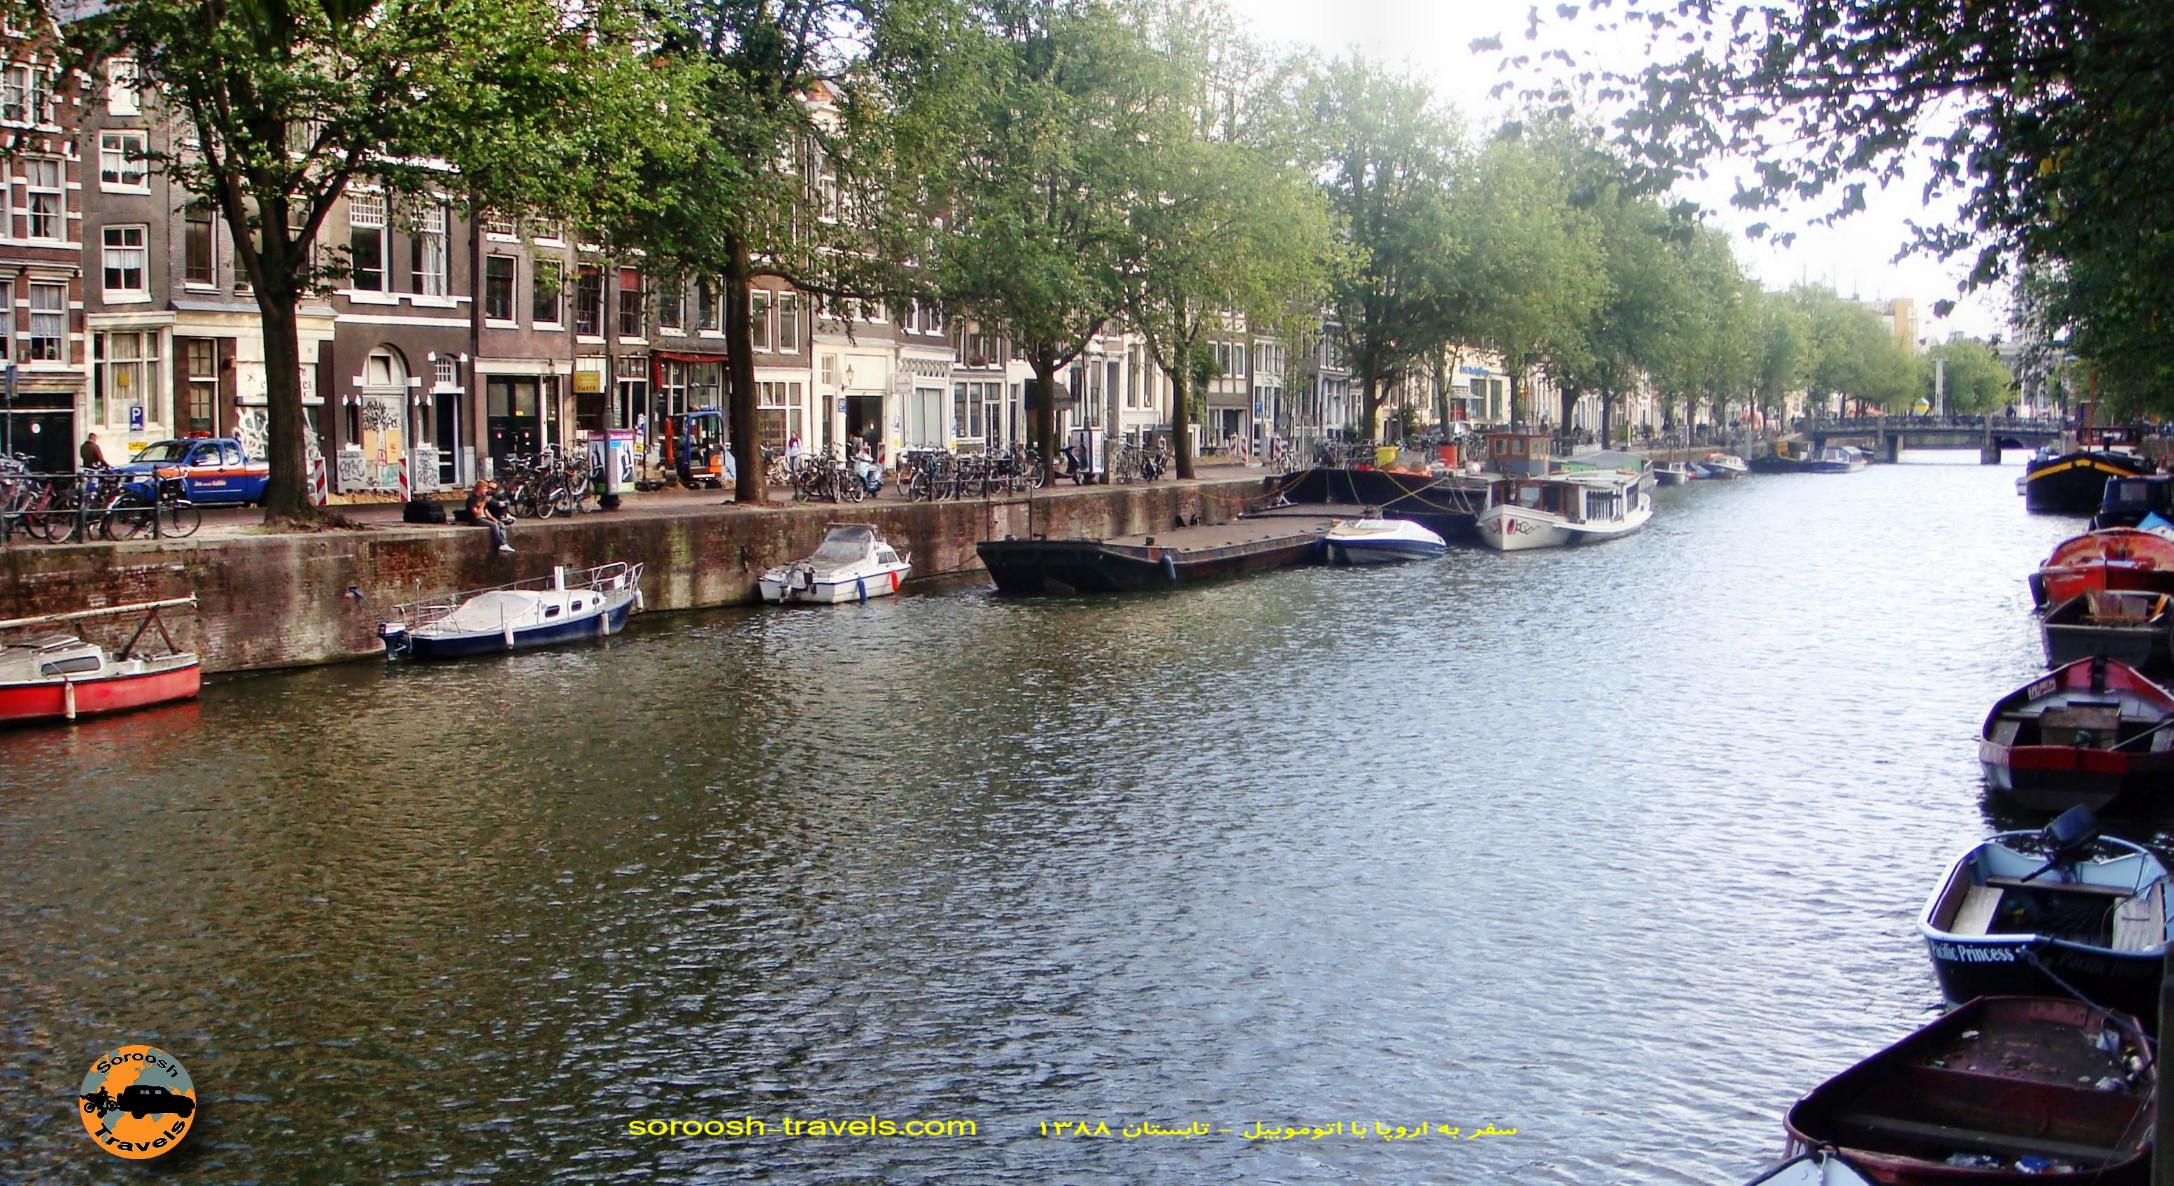 23-shahrivar-1388-14-september-2009-bruxele-in-belgium-to-amsterdam-in-netherland-6